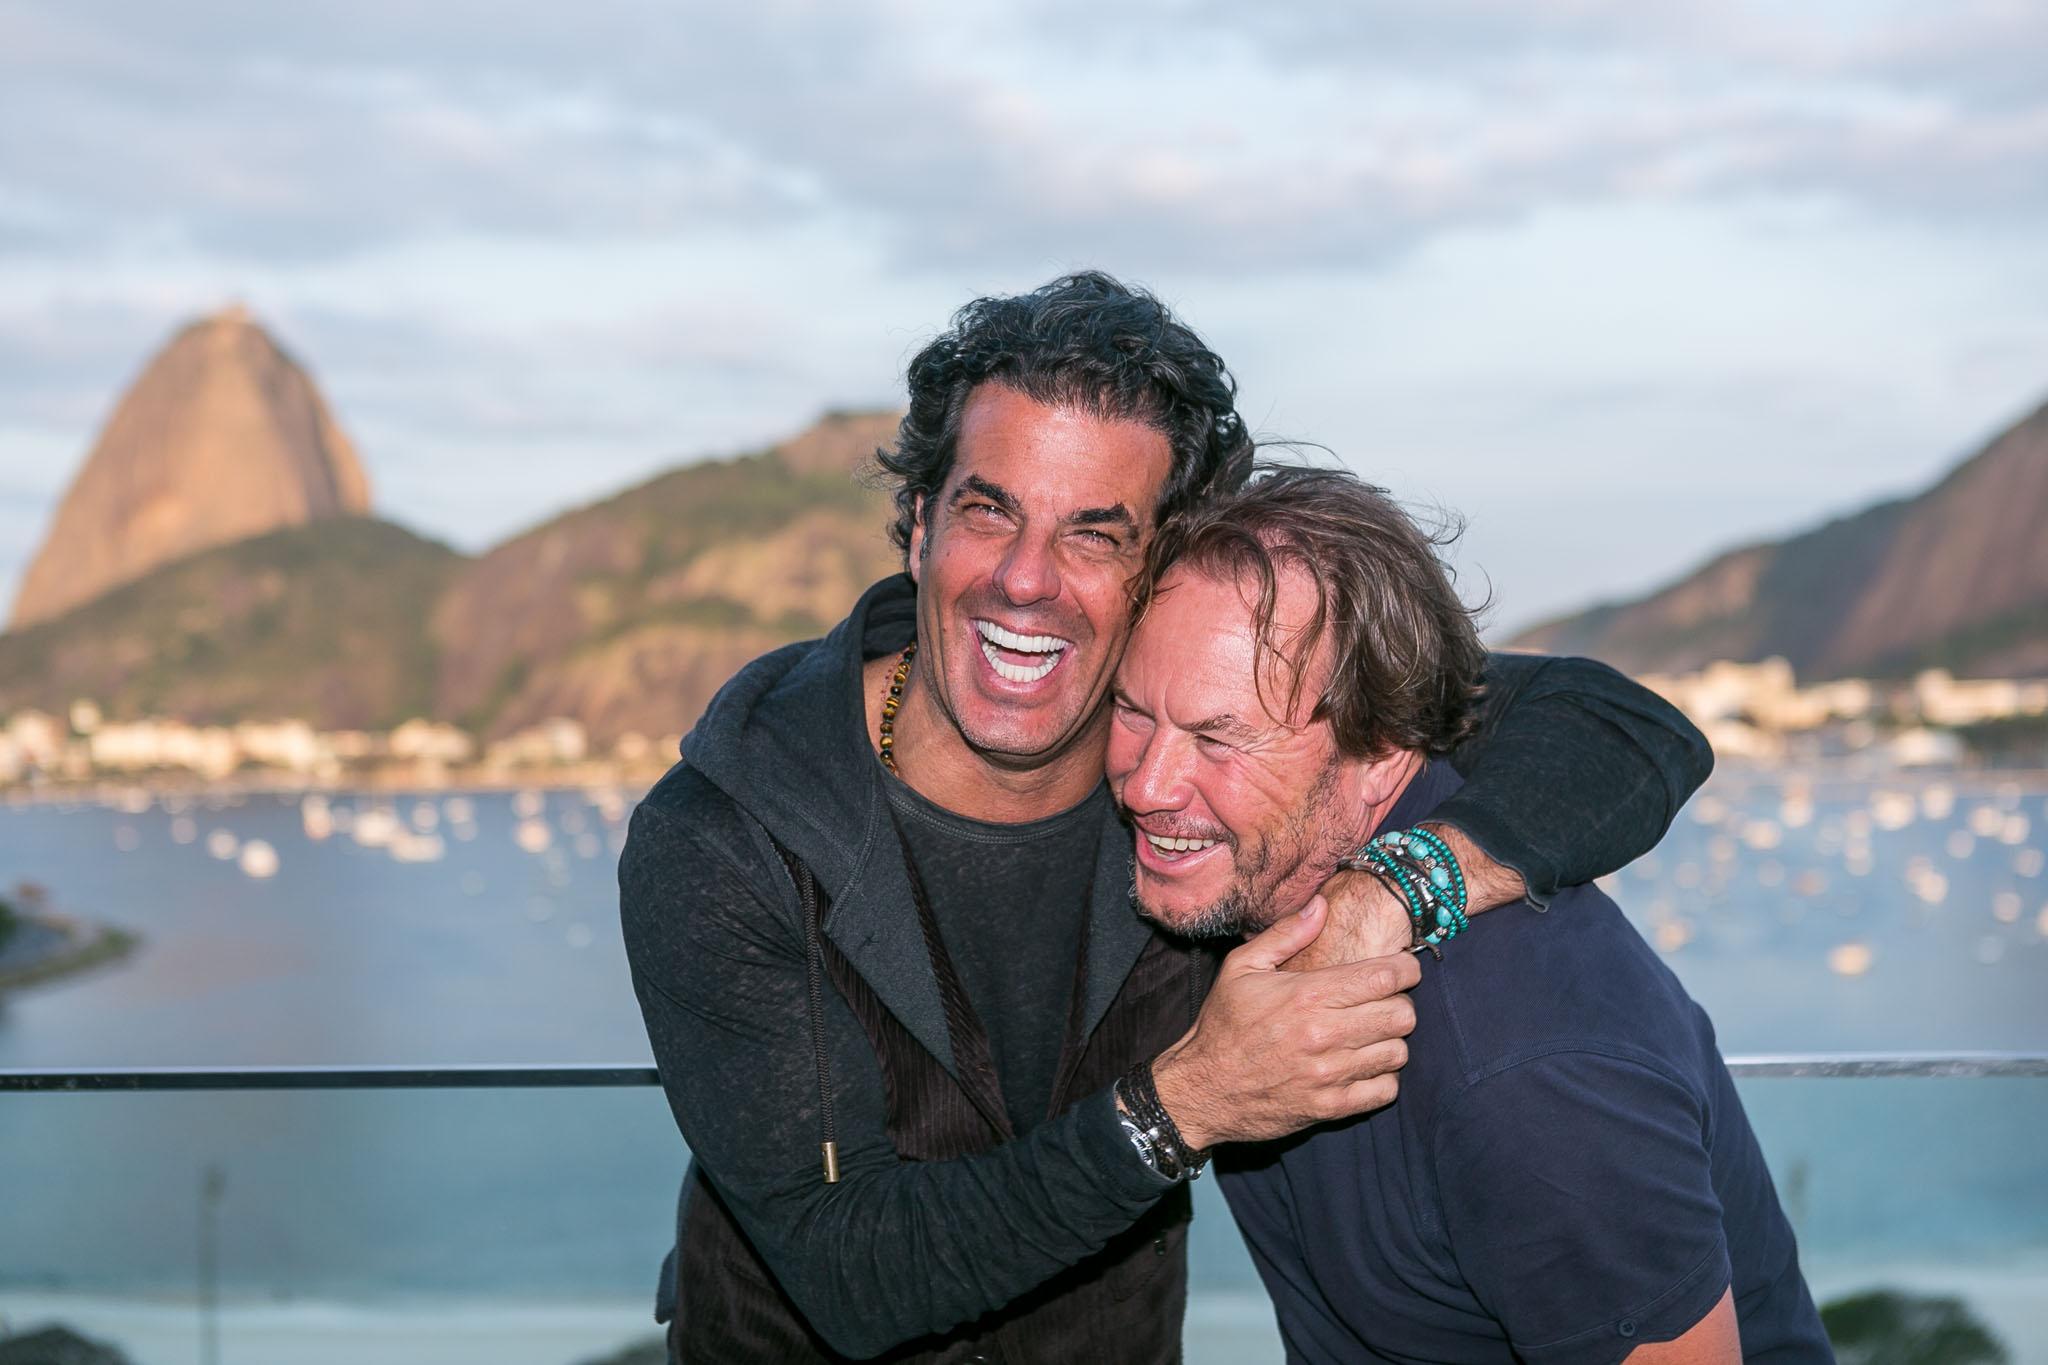 Alvaro Granero e John Hitchcox - Crédito: Bruno Ryfer/Divulgação